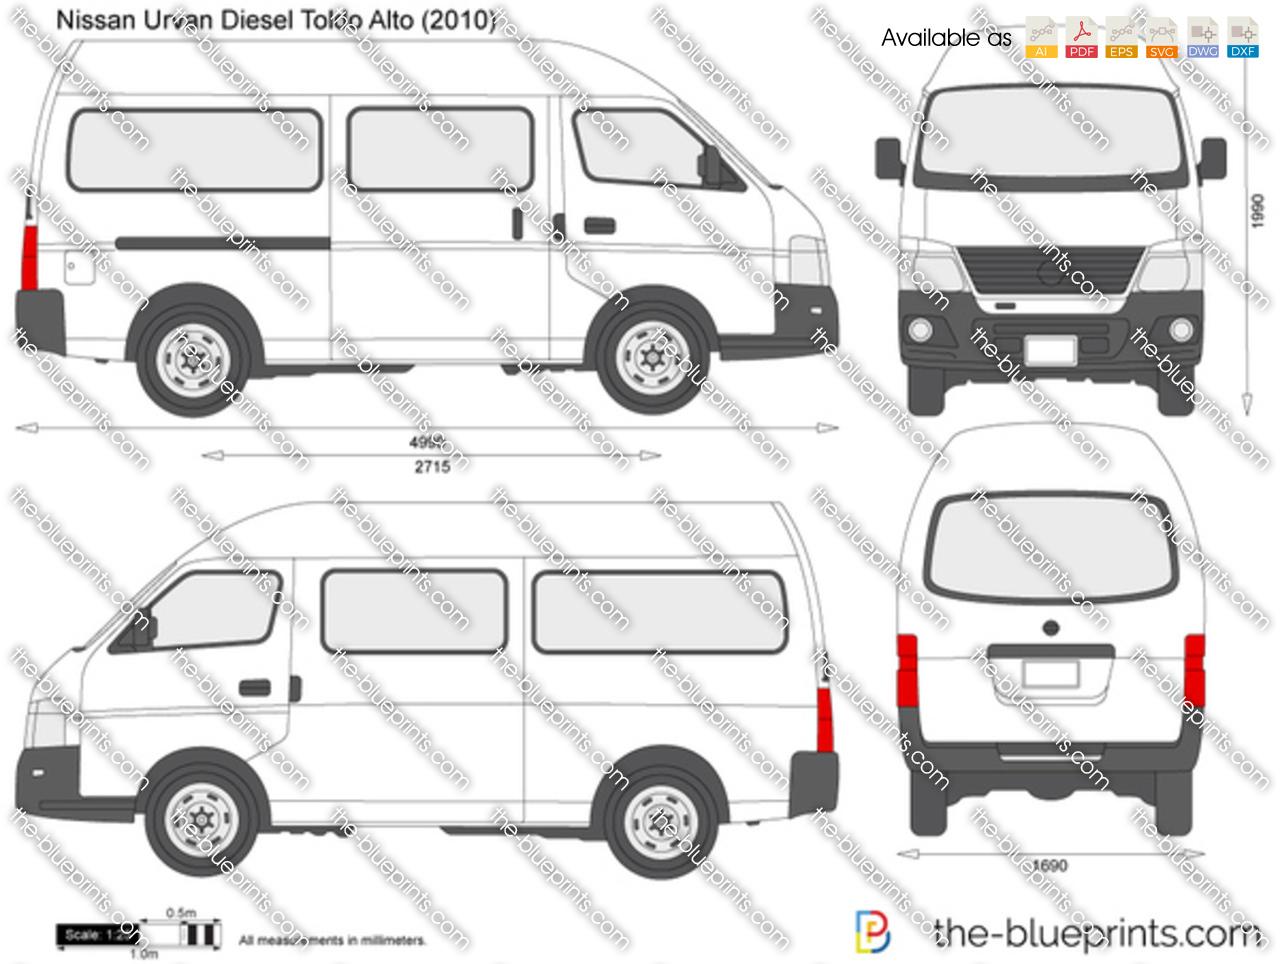 Nissan Urvan Diesel Toldo Alto 2014